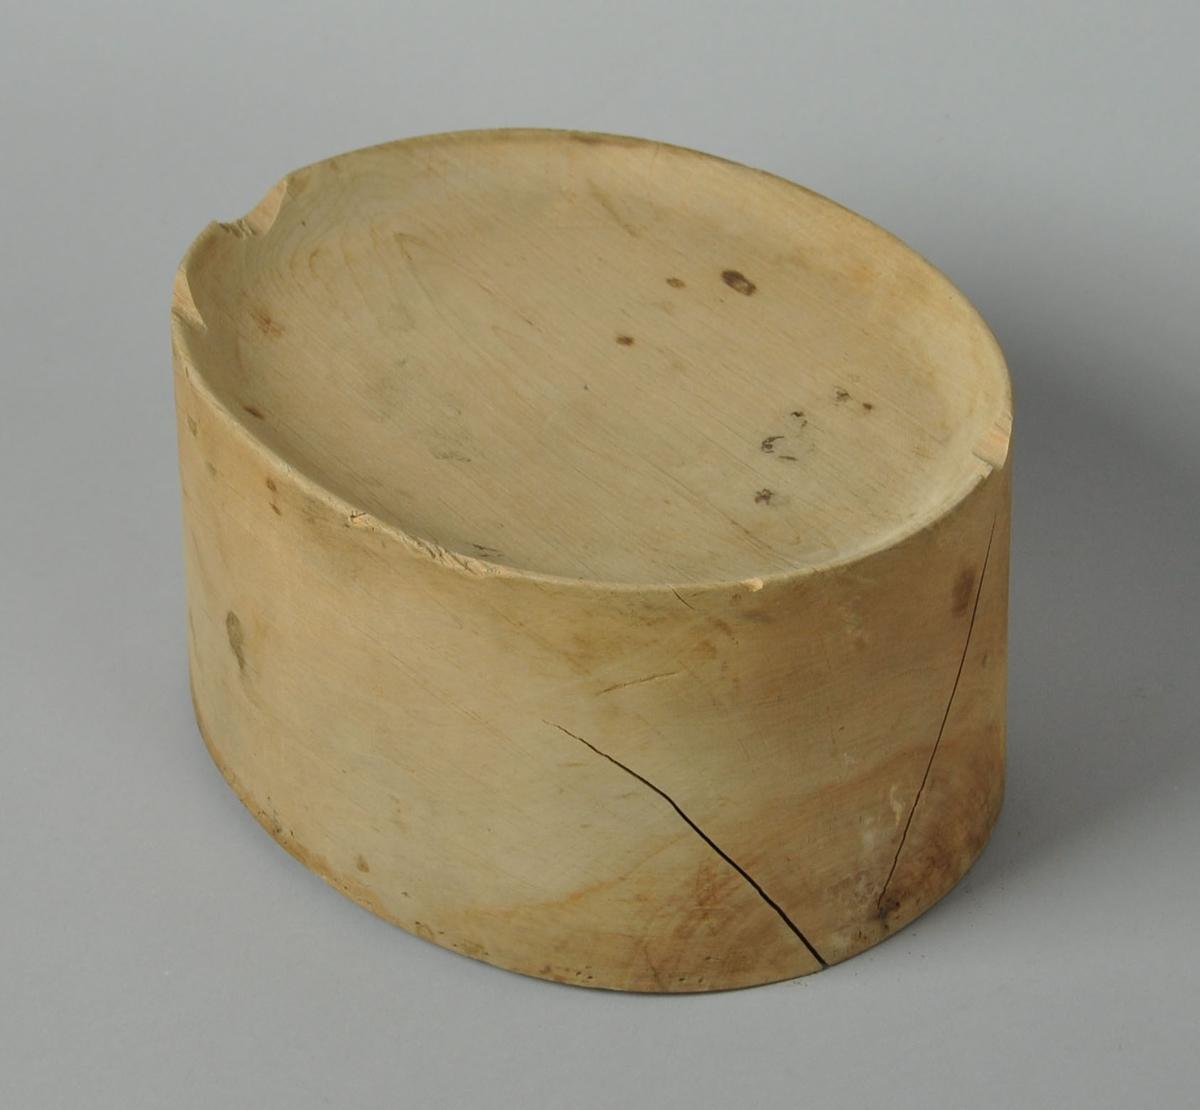 Oval hatteblokk med innfelt topp. Hatteblokken er satt sammen av to trestykker med spiker. På undersiden er det ett hull for skruefeste.